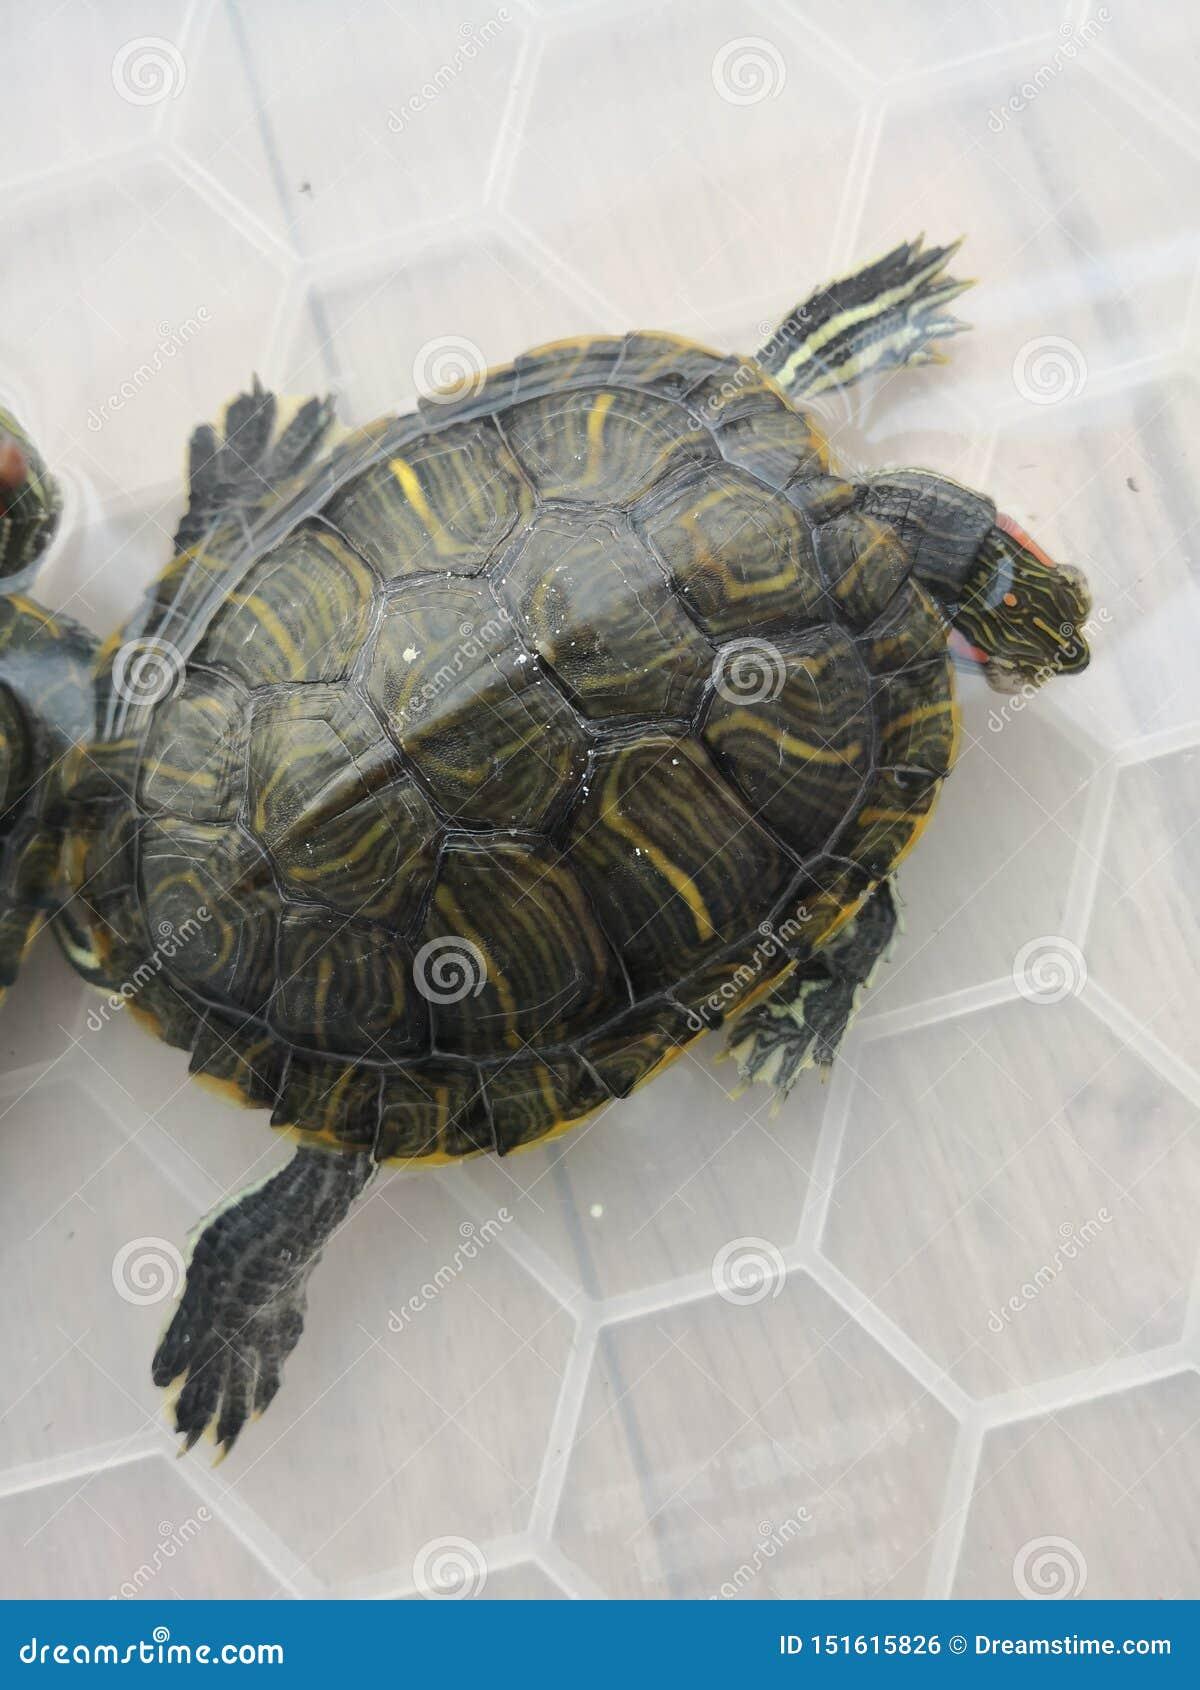 Brasilianische Schildkröte merkwürdigen Schlafens